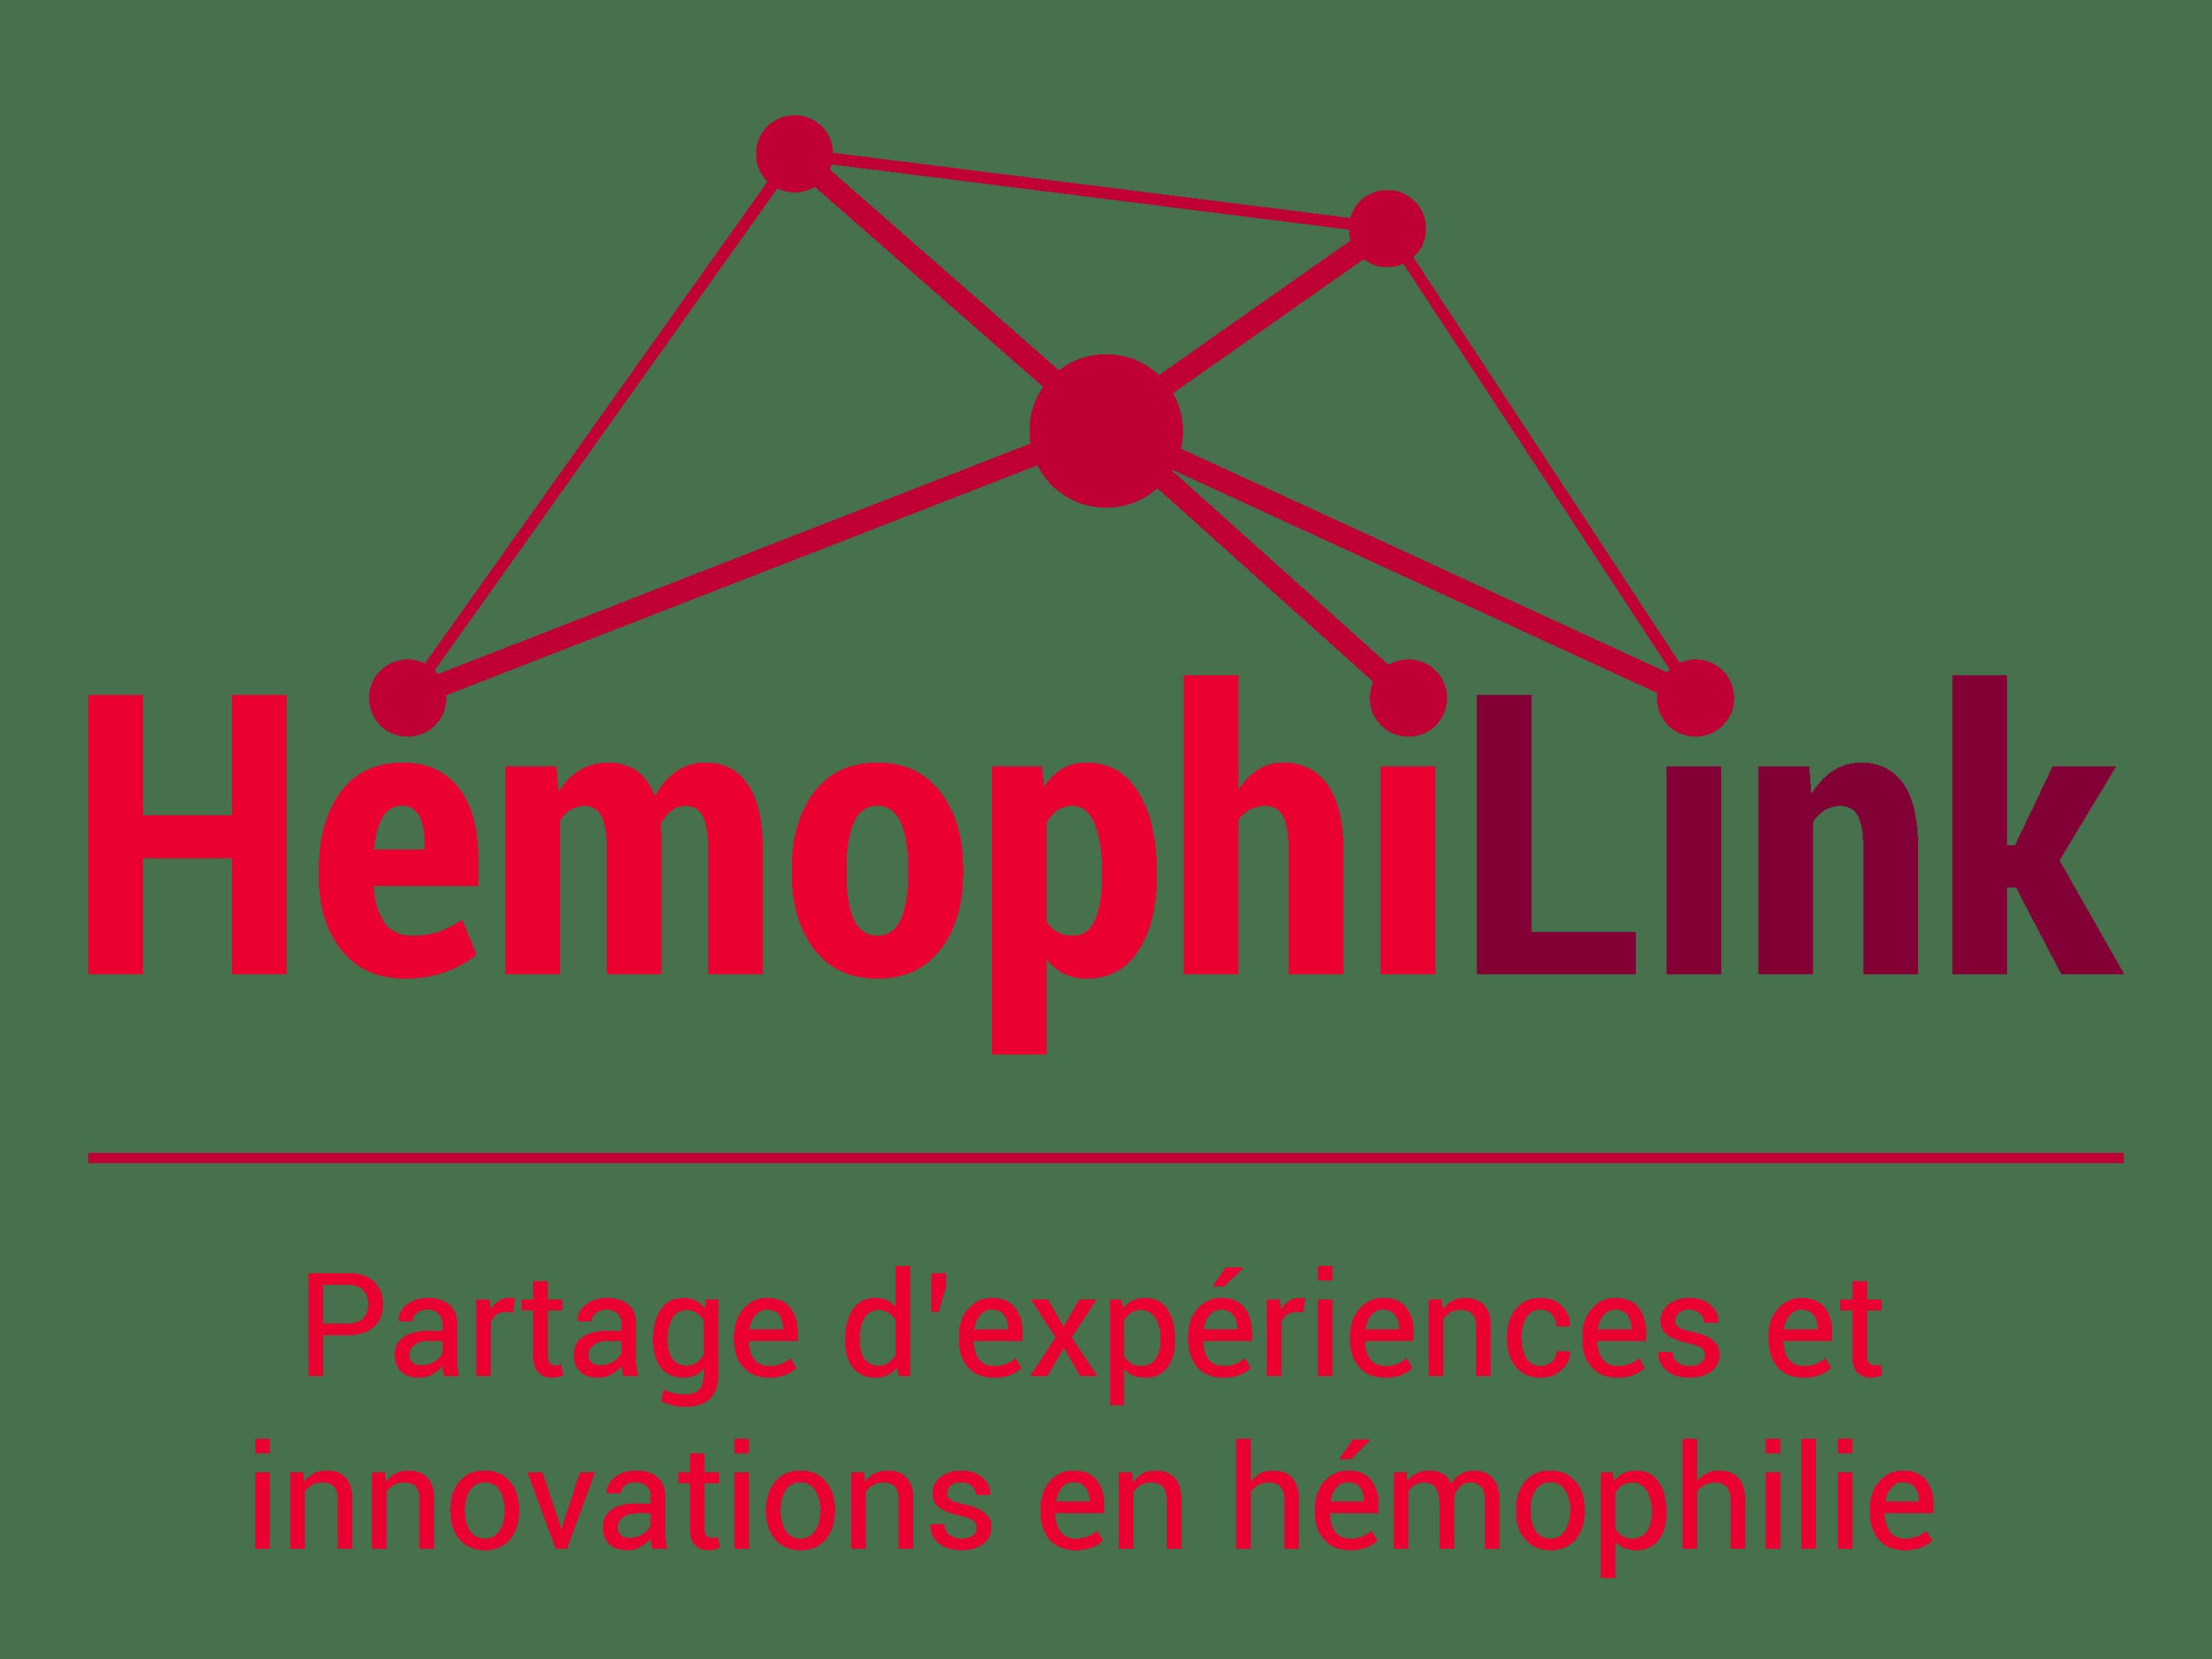 Hemophilink, site dédié aux troubles de la coagulation